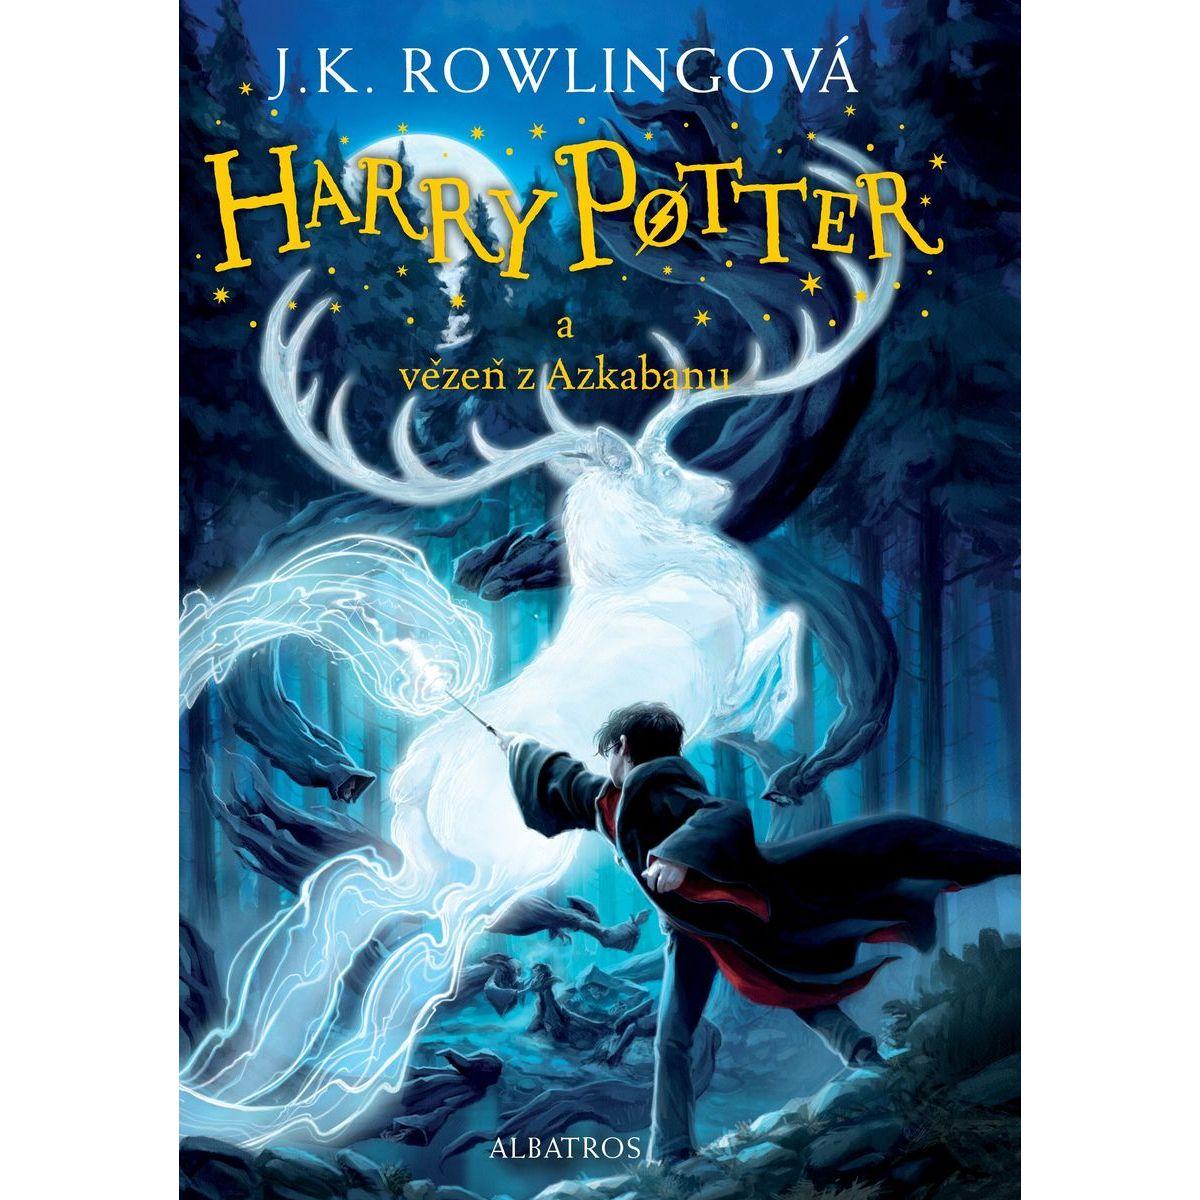 Harry Potter a väzeň z Azkabanu JK Rowlingová